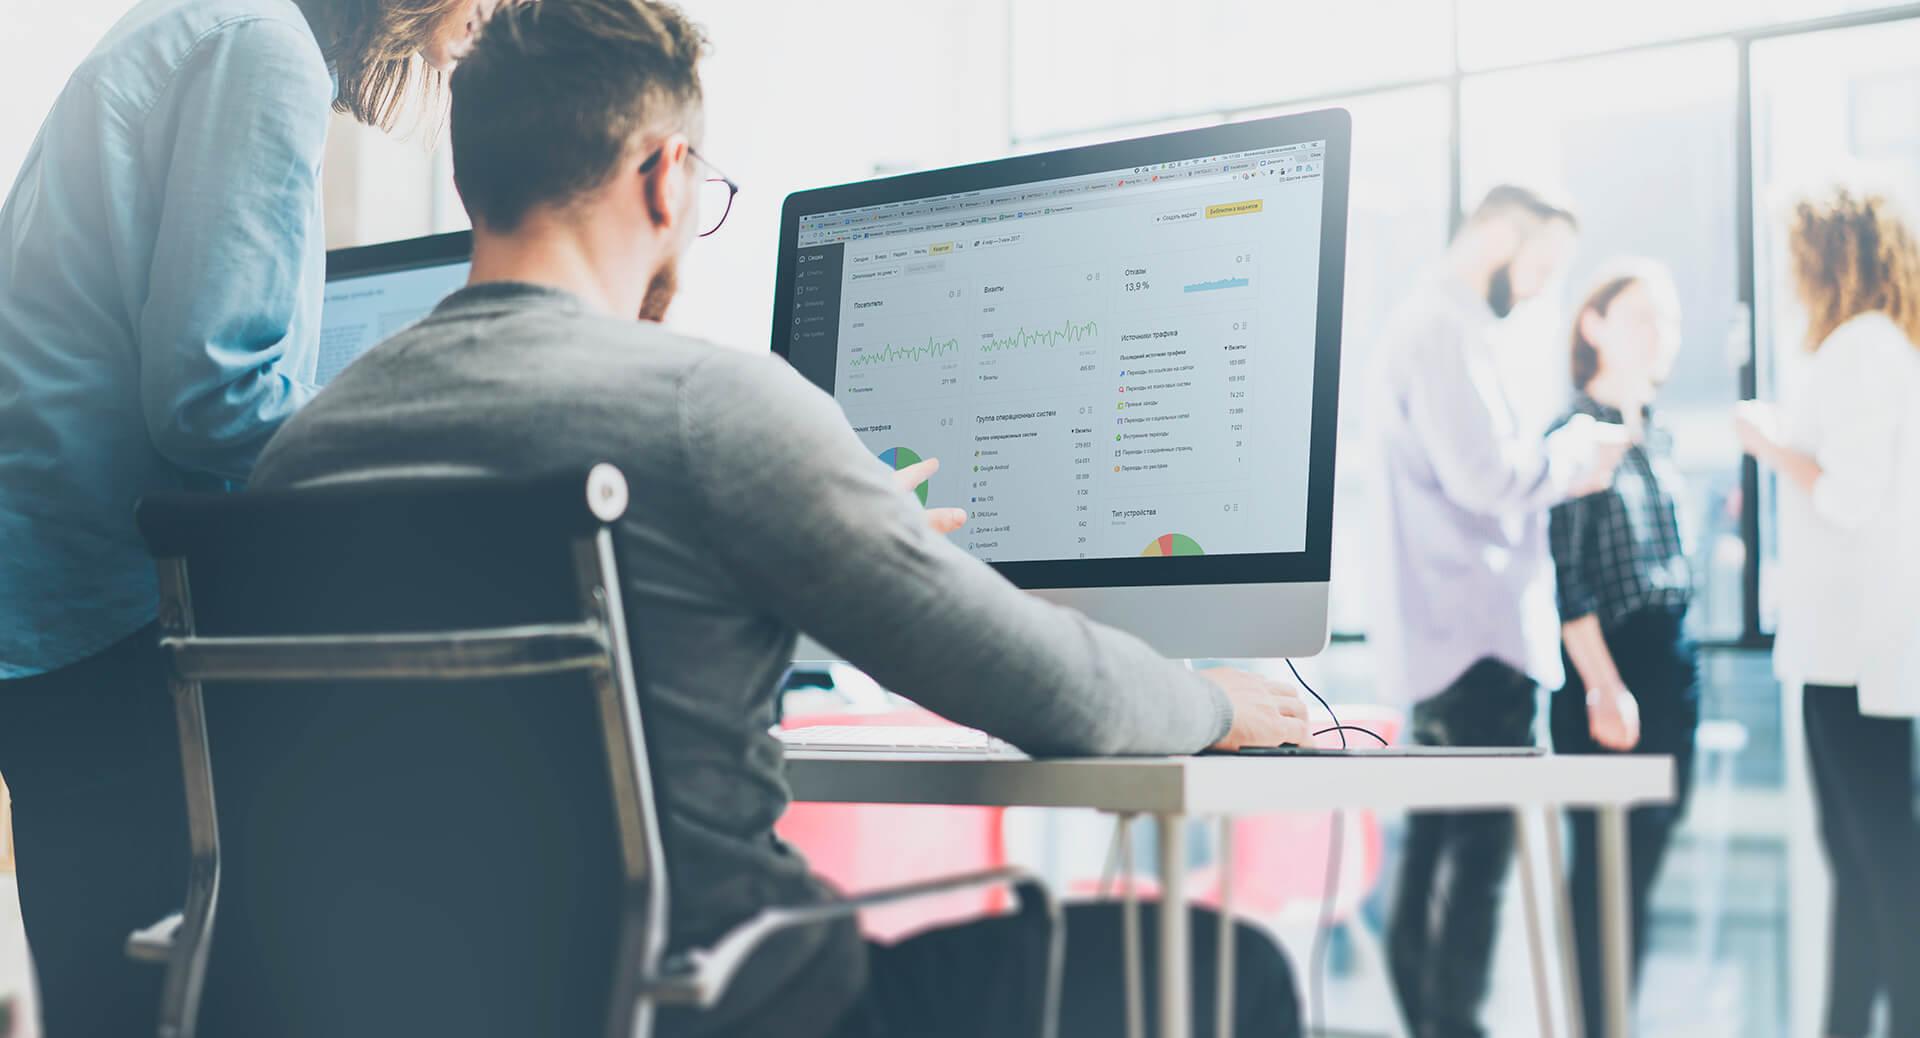 Бесплатный вебинар: Бизнес, как система. Основы